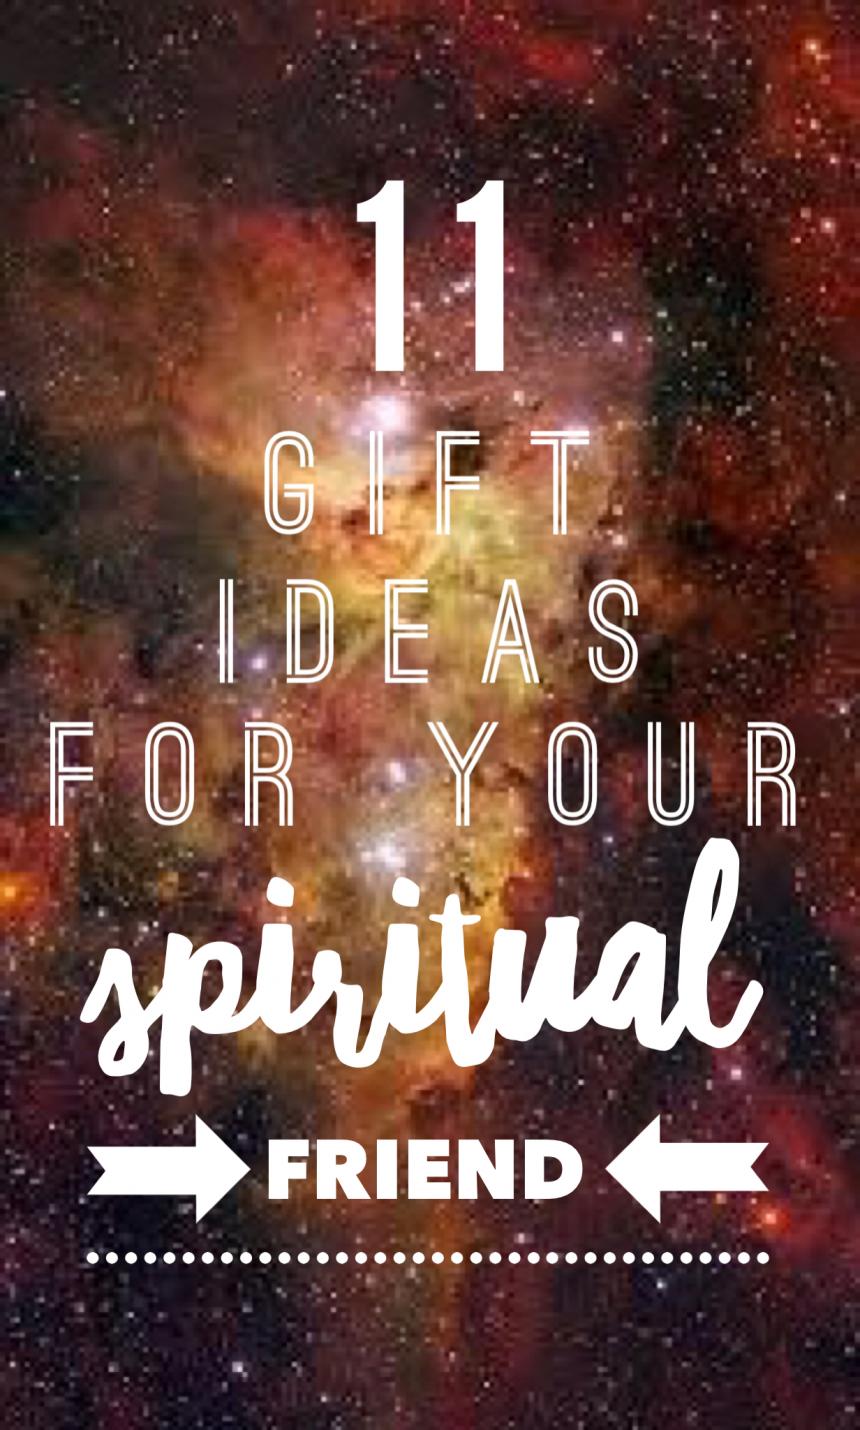 11 Gift Ideas for your spiritual friend #awake #spiritual